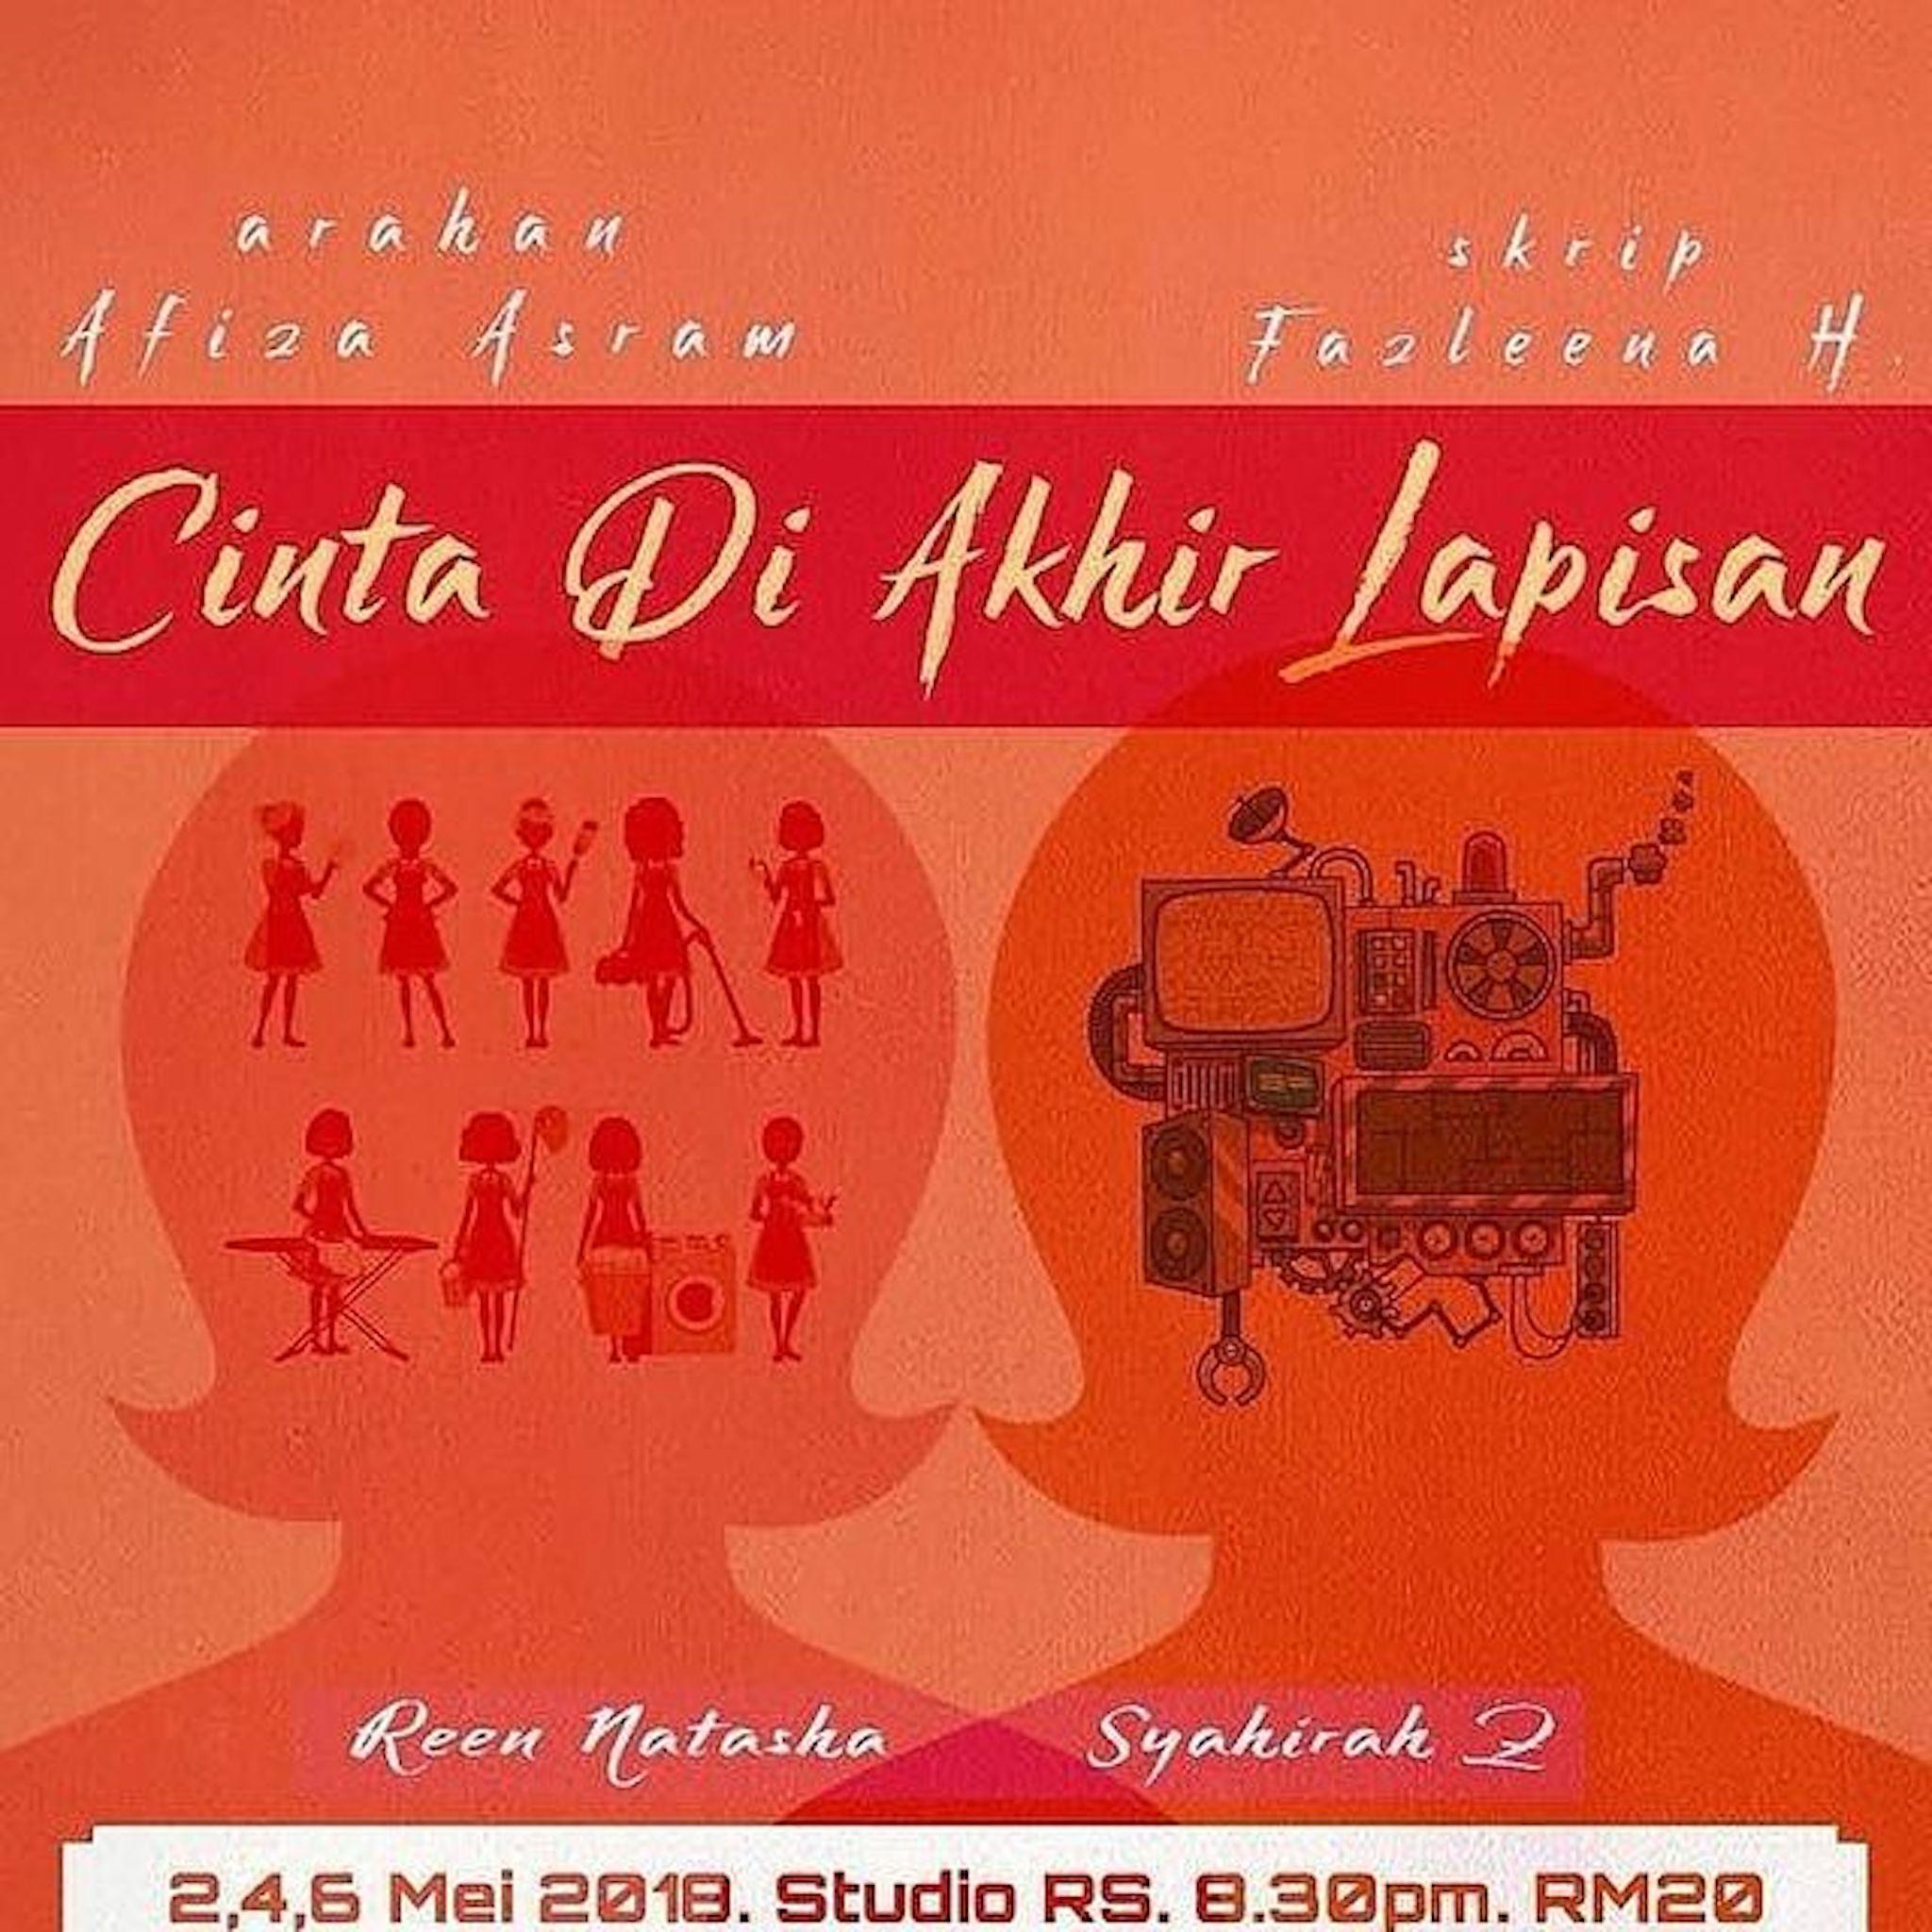 2018 Teater Kompilasi Bilik Sempit Cinta Di Akhir Lapisan cover